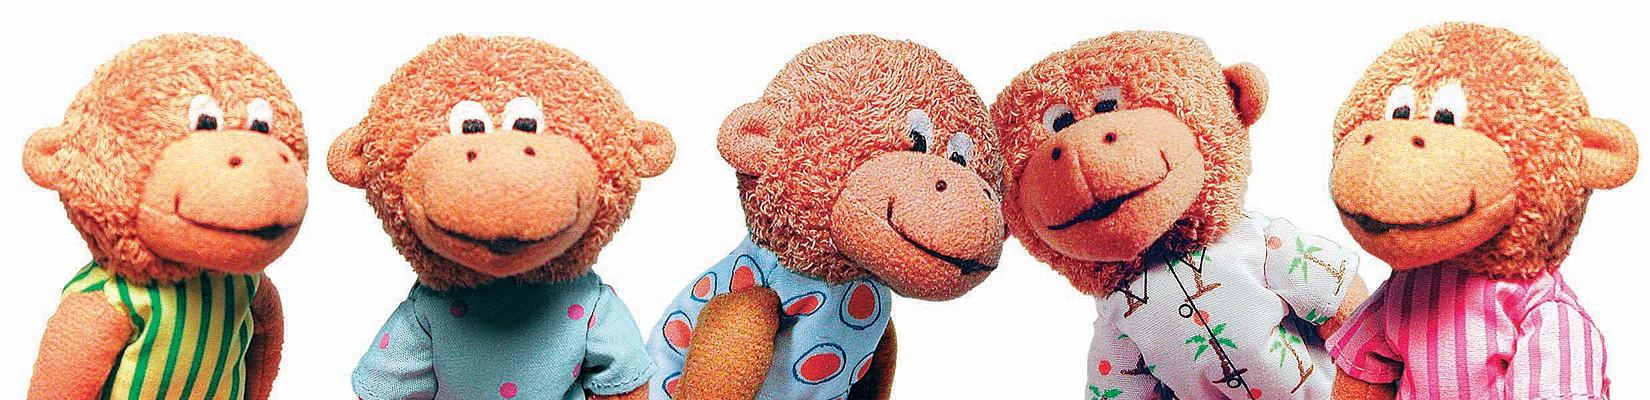 Puppet-5 Little Monkeys Finger (Five Little Monkeys) Cover Image